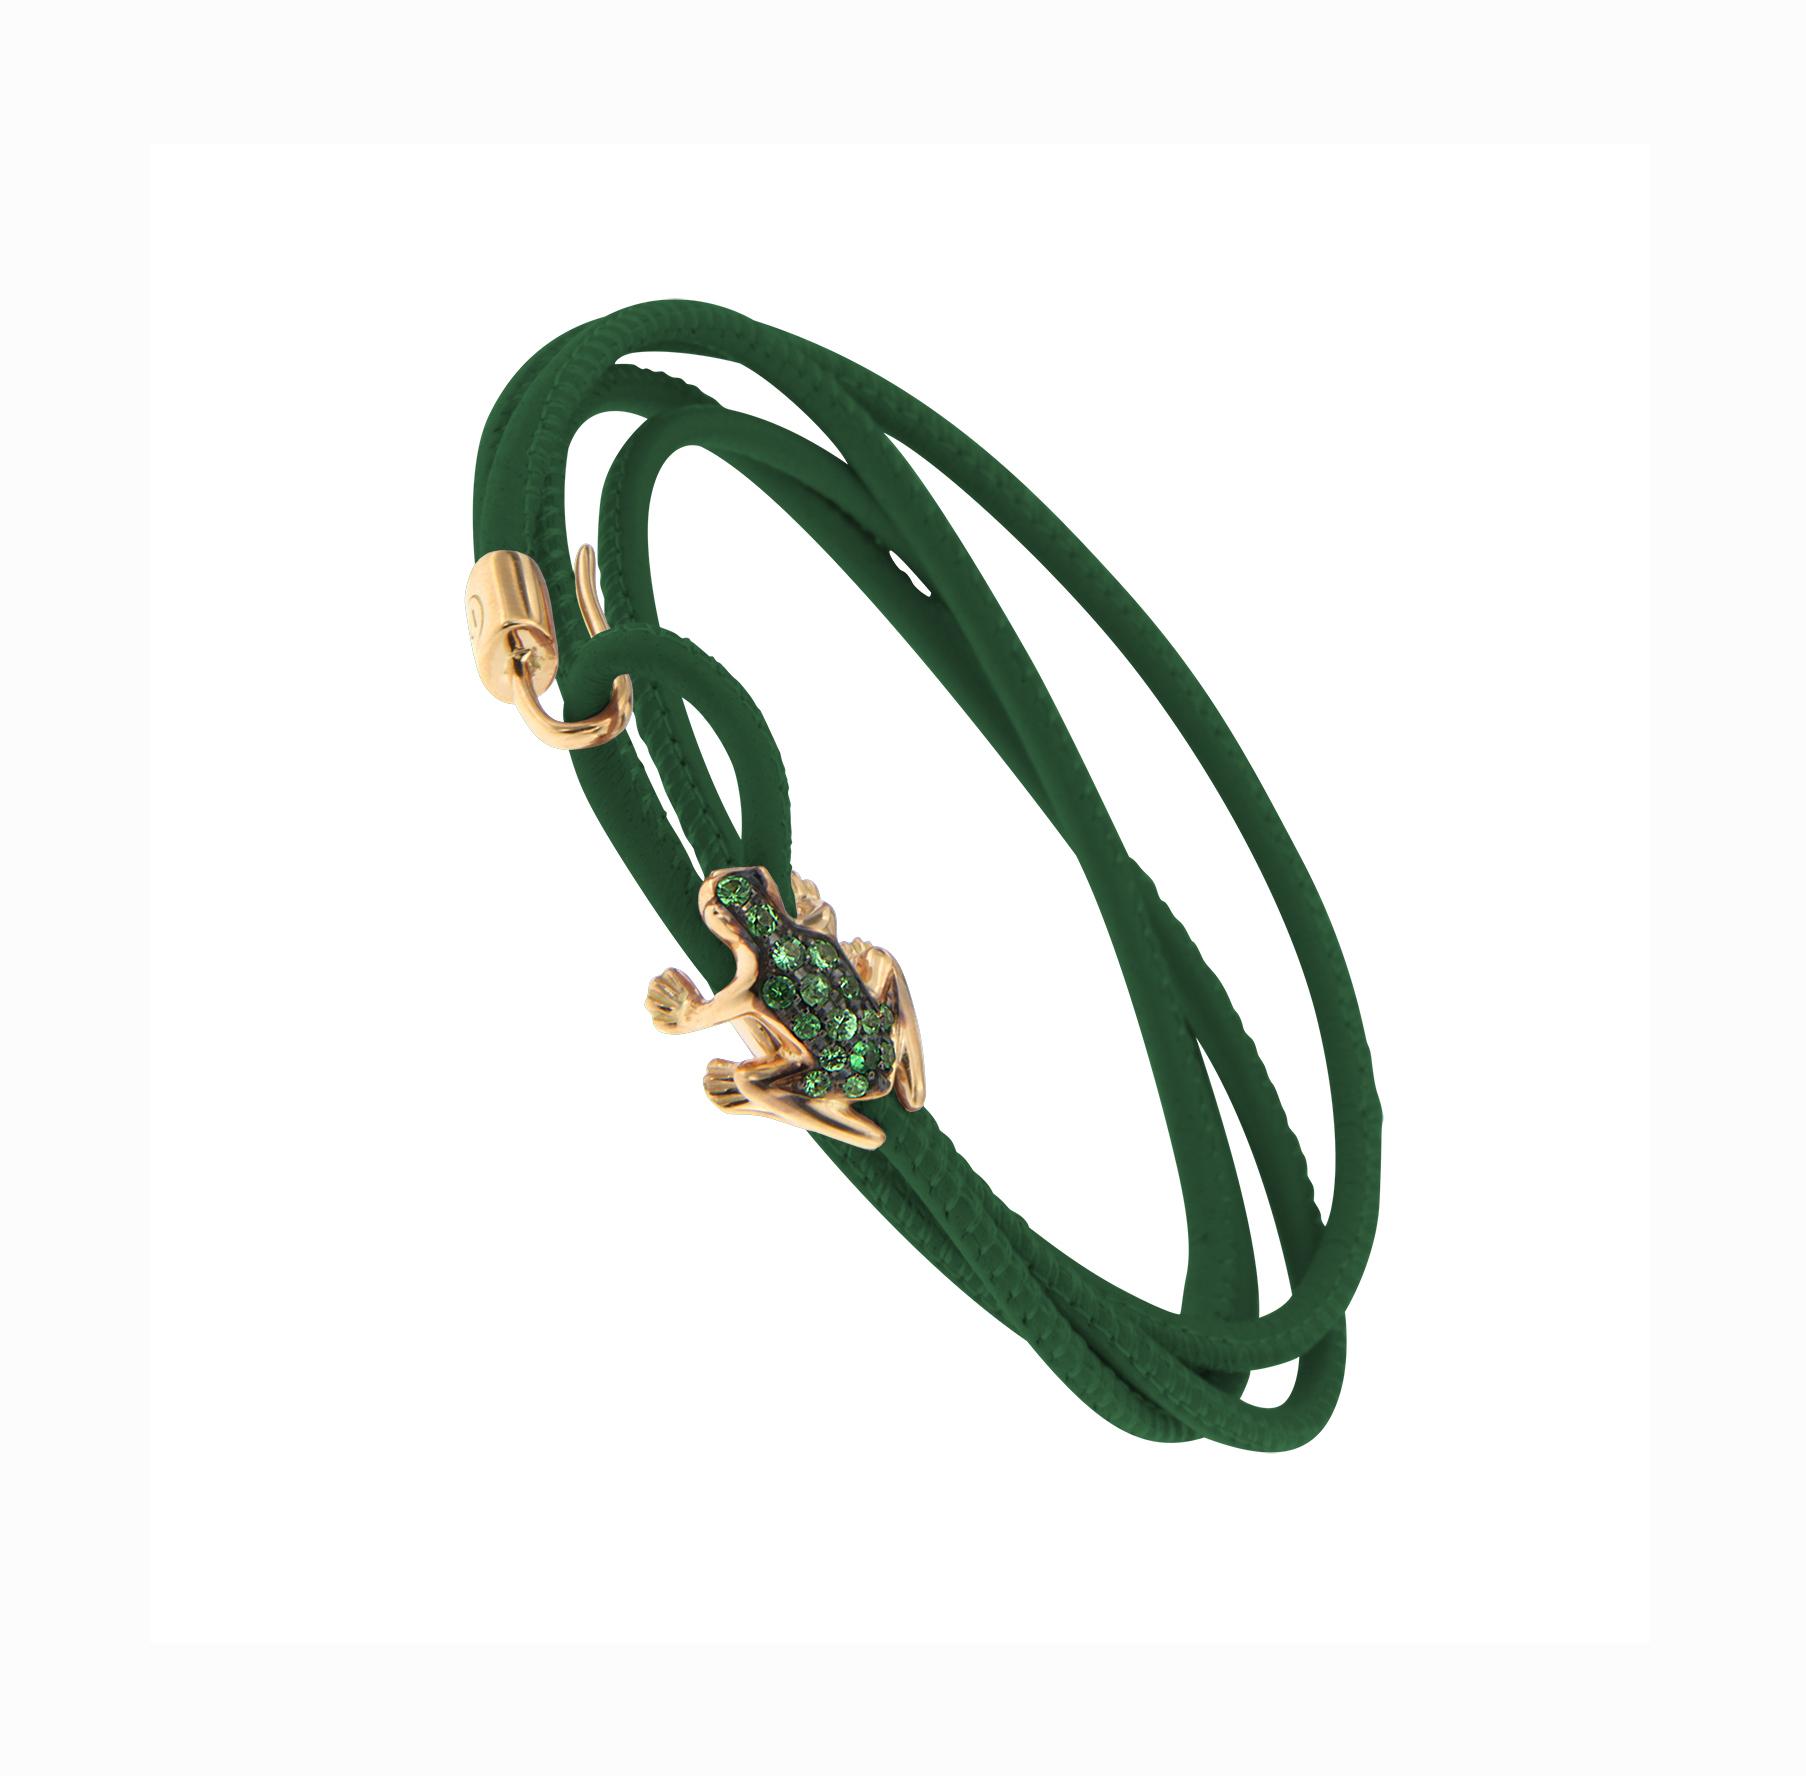 Bracciale in pelle verde, oro rosa 18k e smeraldi